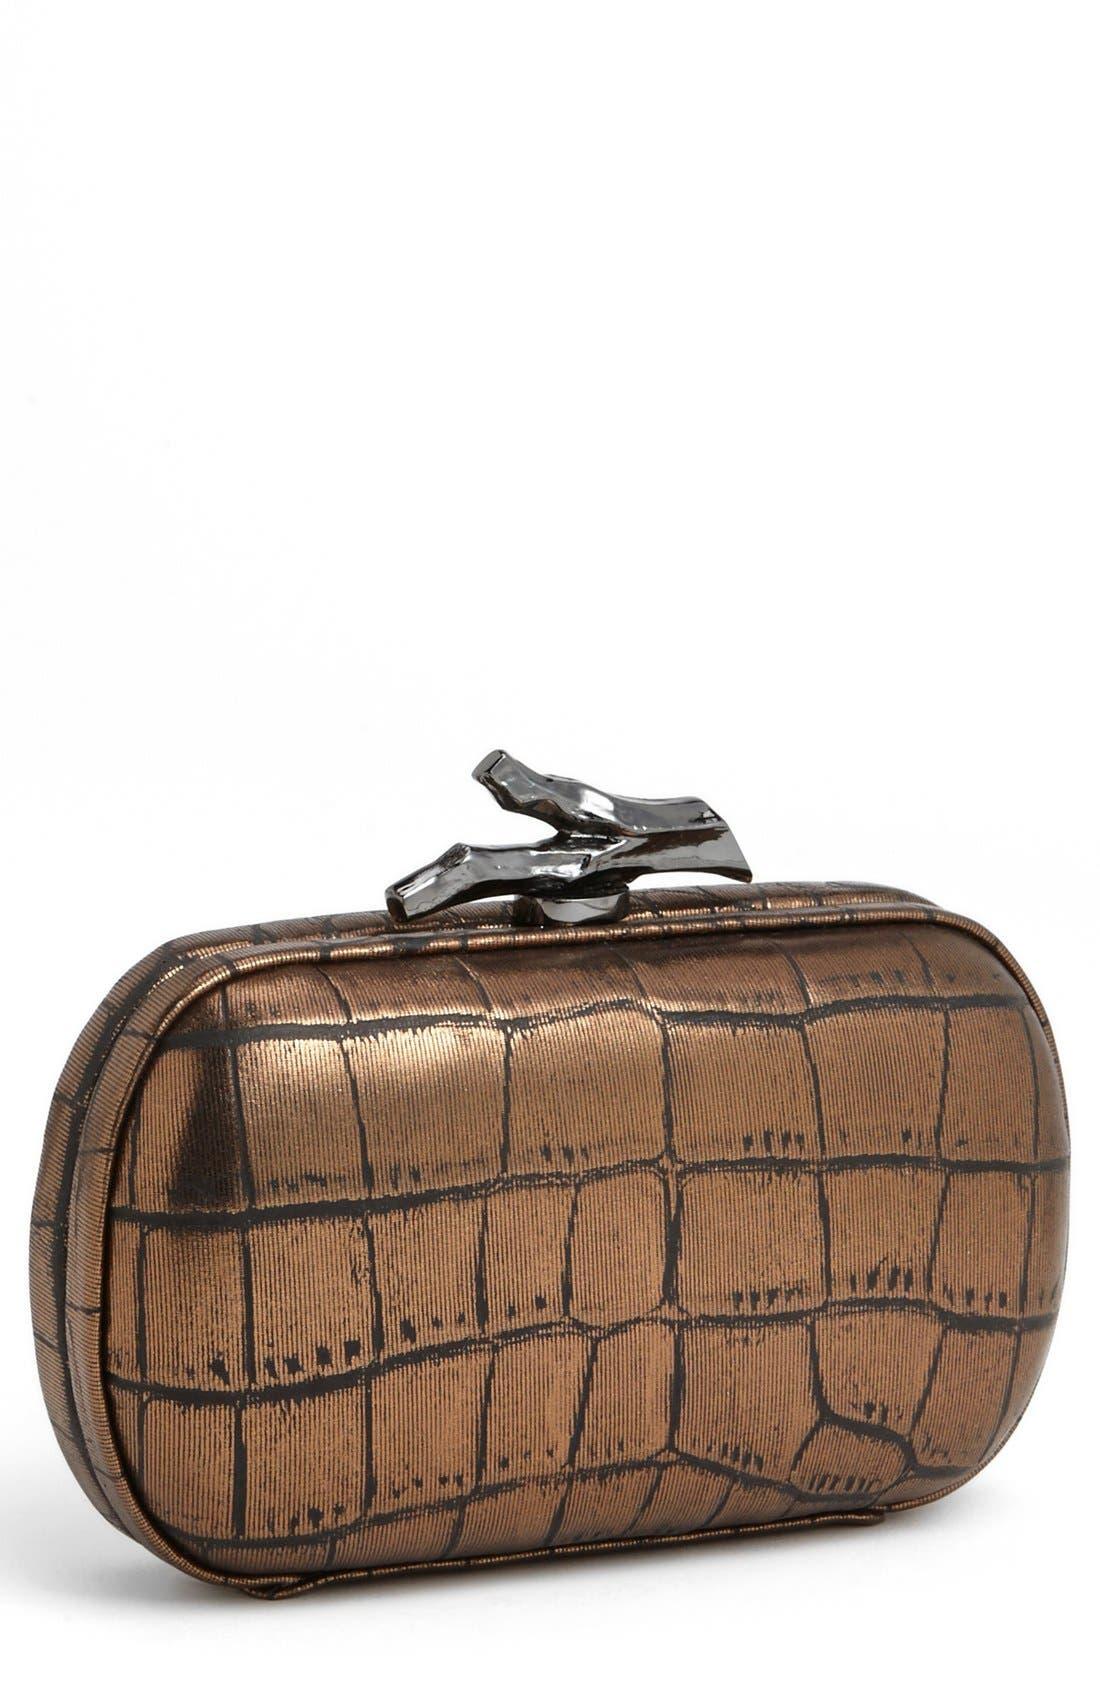 Main Image - Diane von Furstenberg 'Lytton' Embossed Metallic Leather Clutch